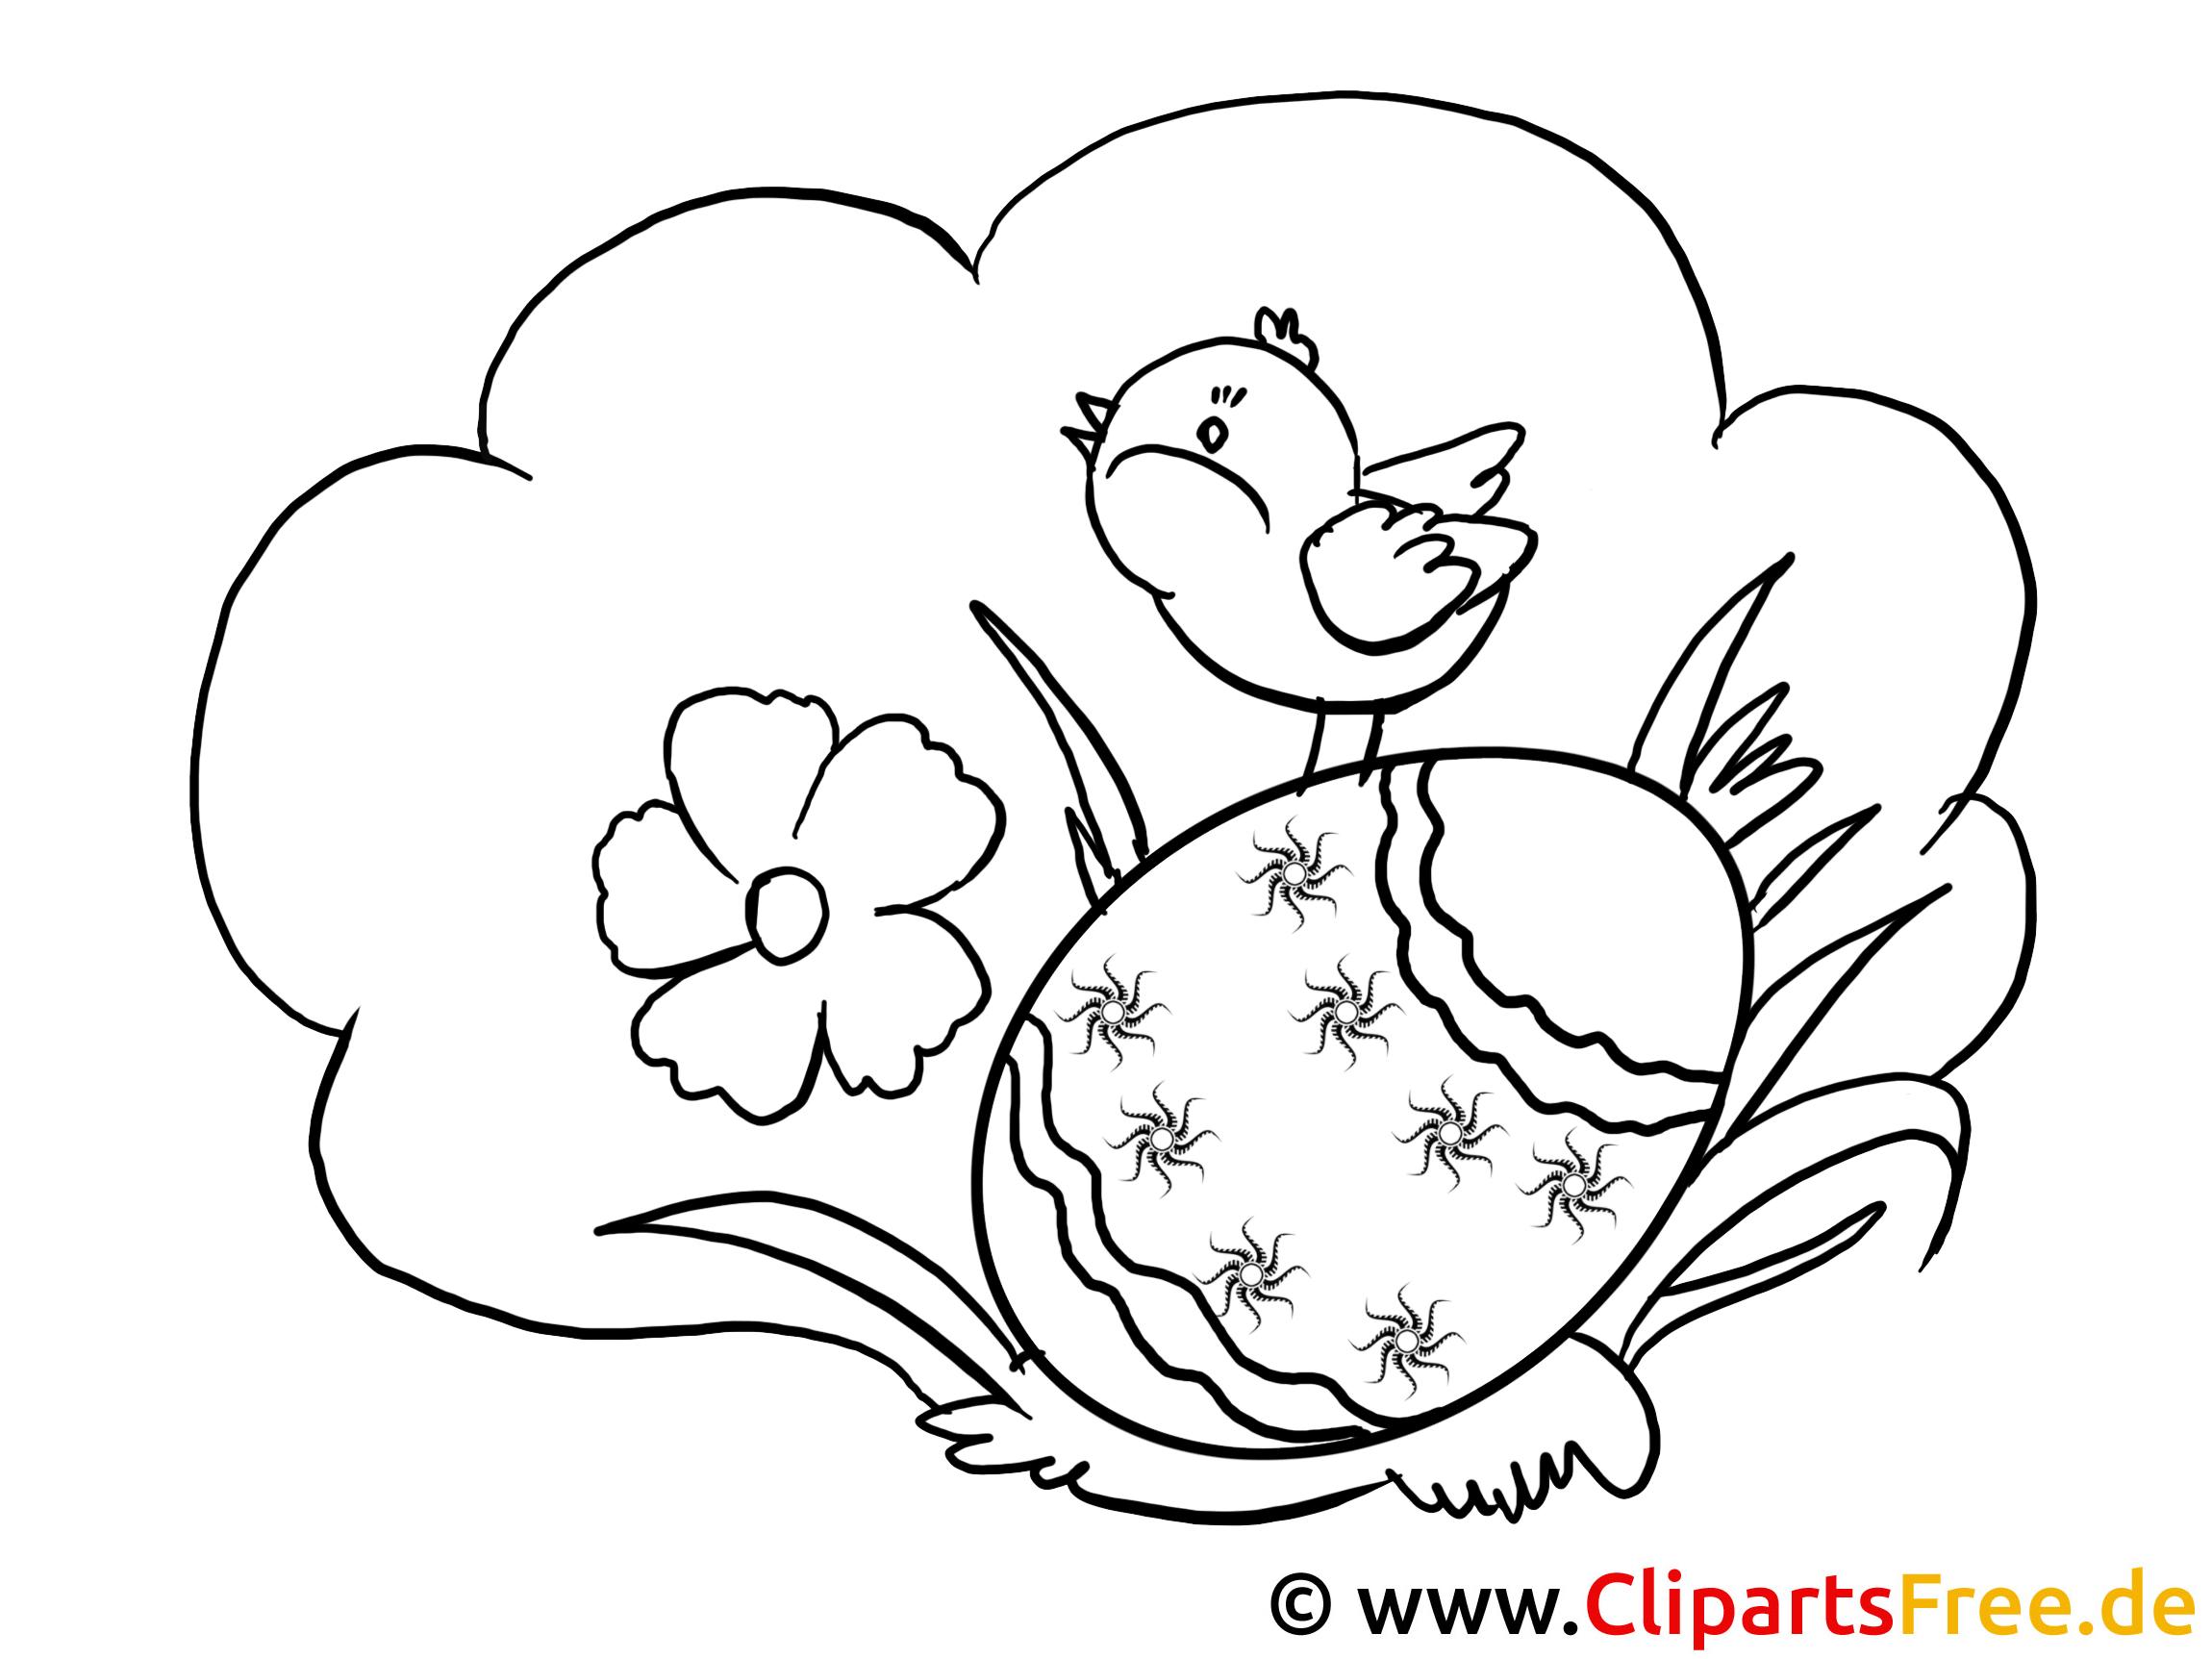 Easter drawings as PDF